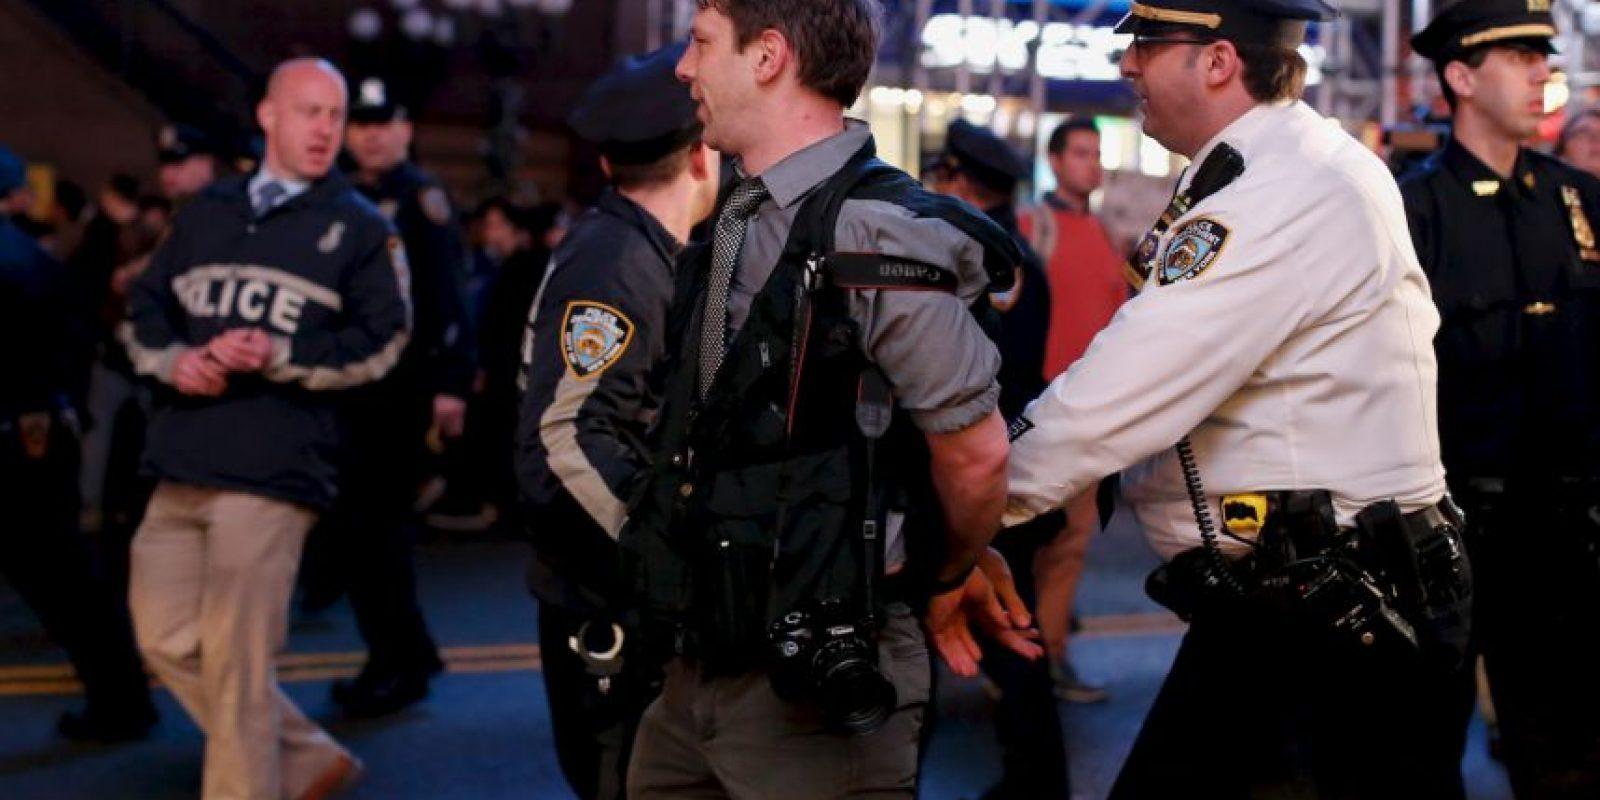 Este tipo de actitudes, se han disparado a partir de las protestas por la muerte de Freddy Gray, afroamericano que murió mientras se encontraba en custodiado por agentes de la policía de Baltimore Foto:Getty Images